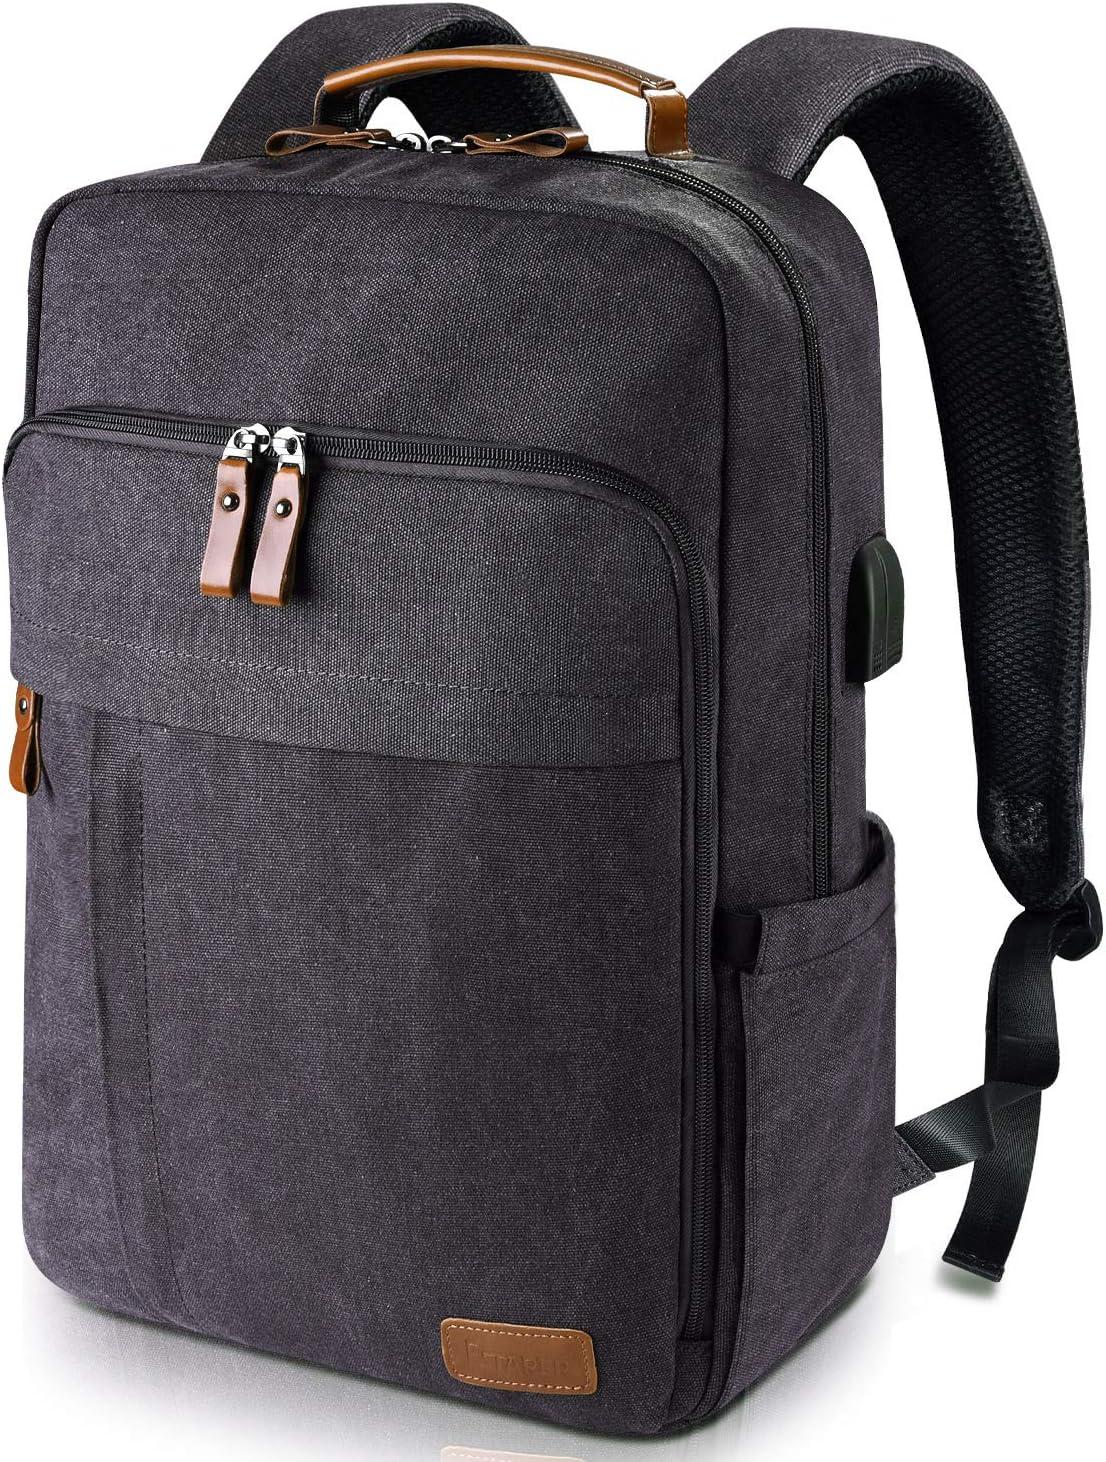 Estarer Laptop Backpack w/USB Charging Port for Men Women